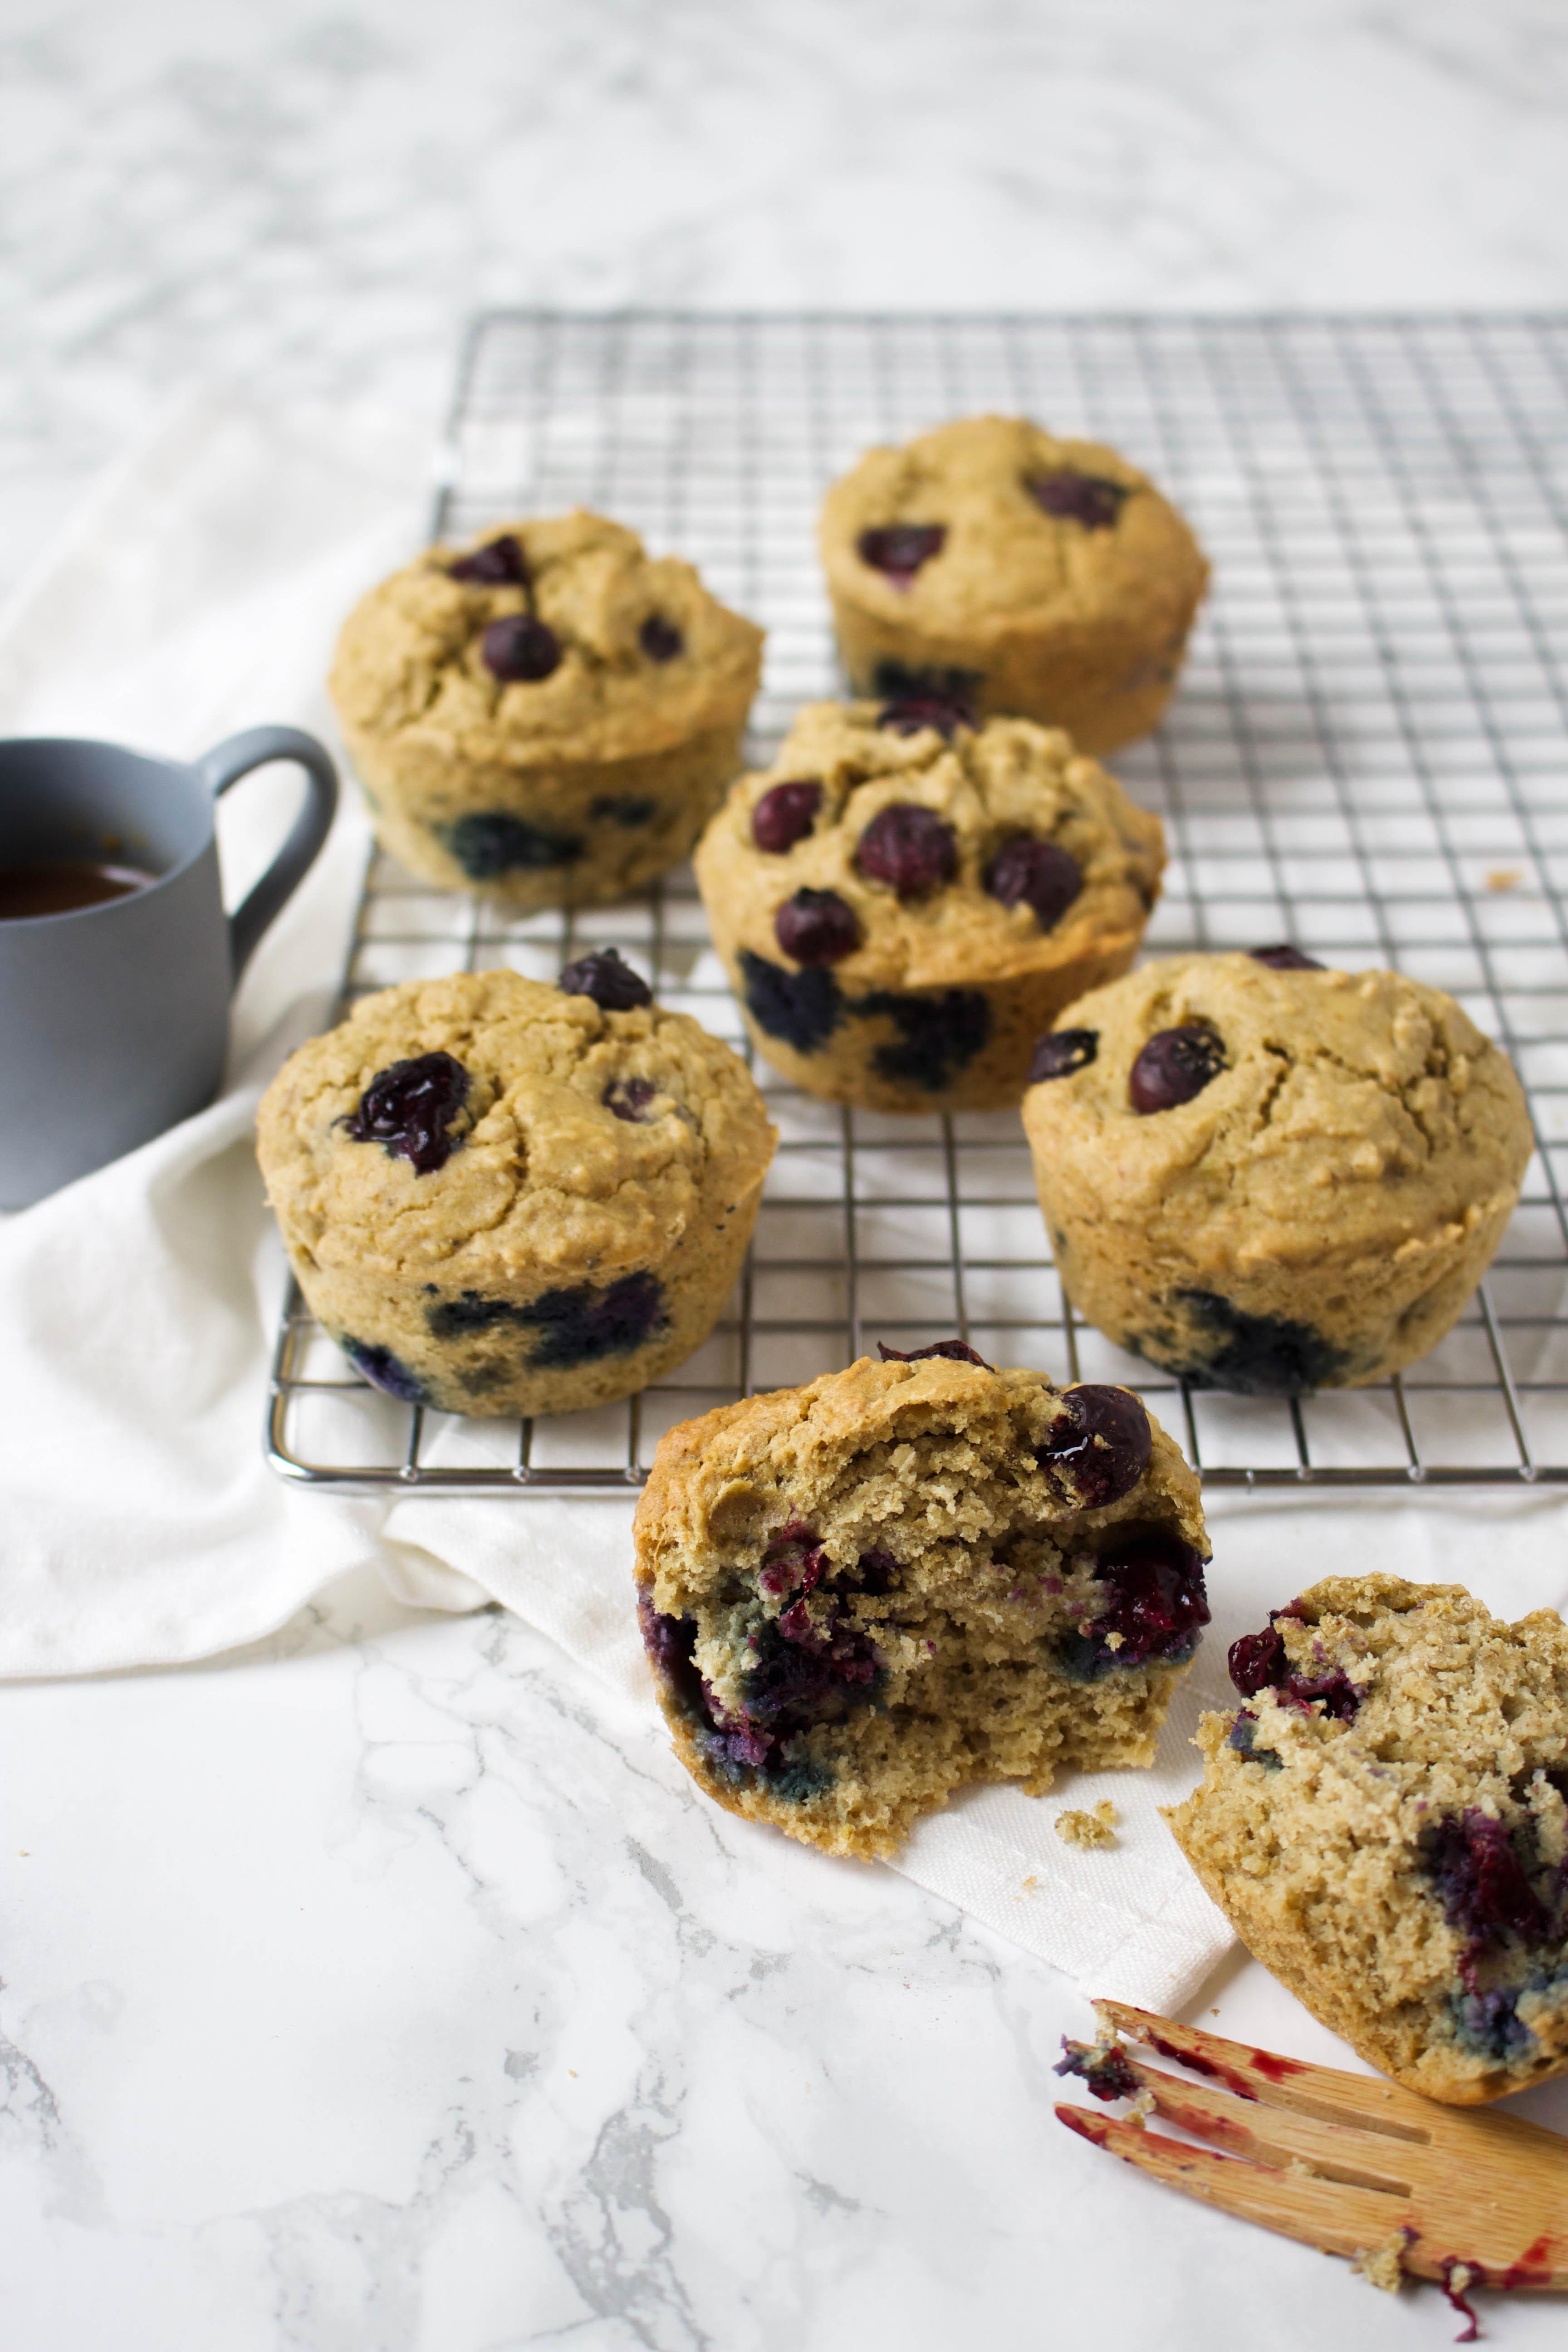 blueberry-yoghurt ontbijtmuffins